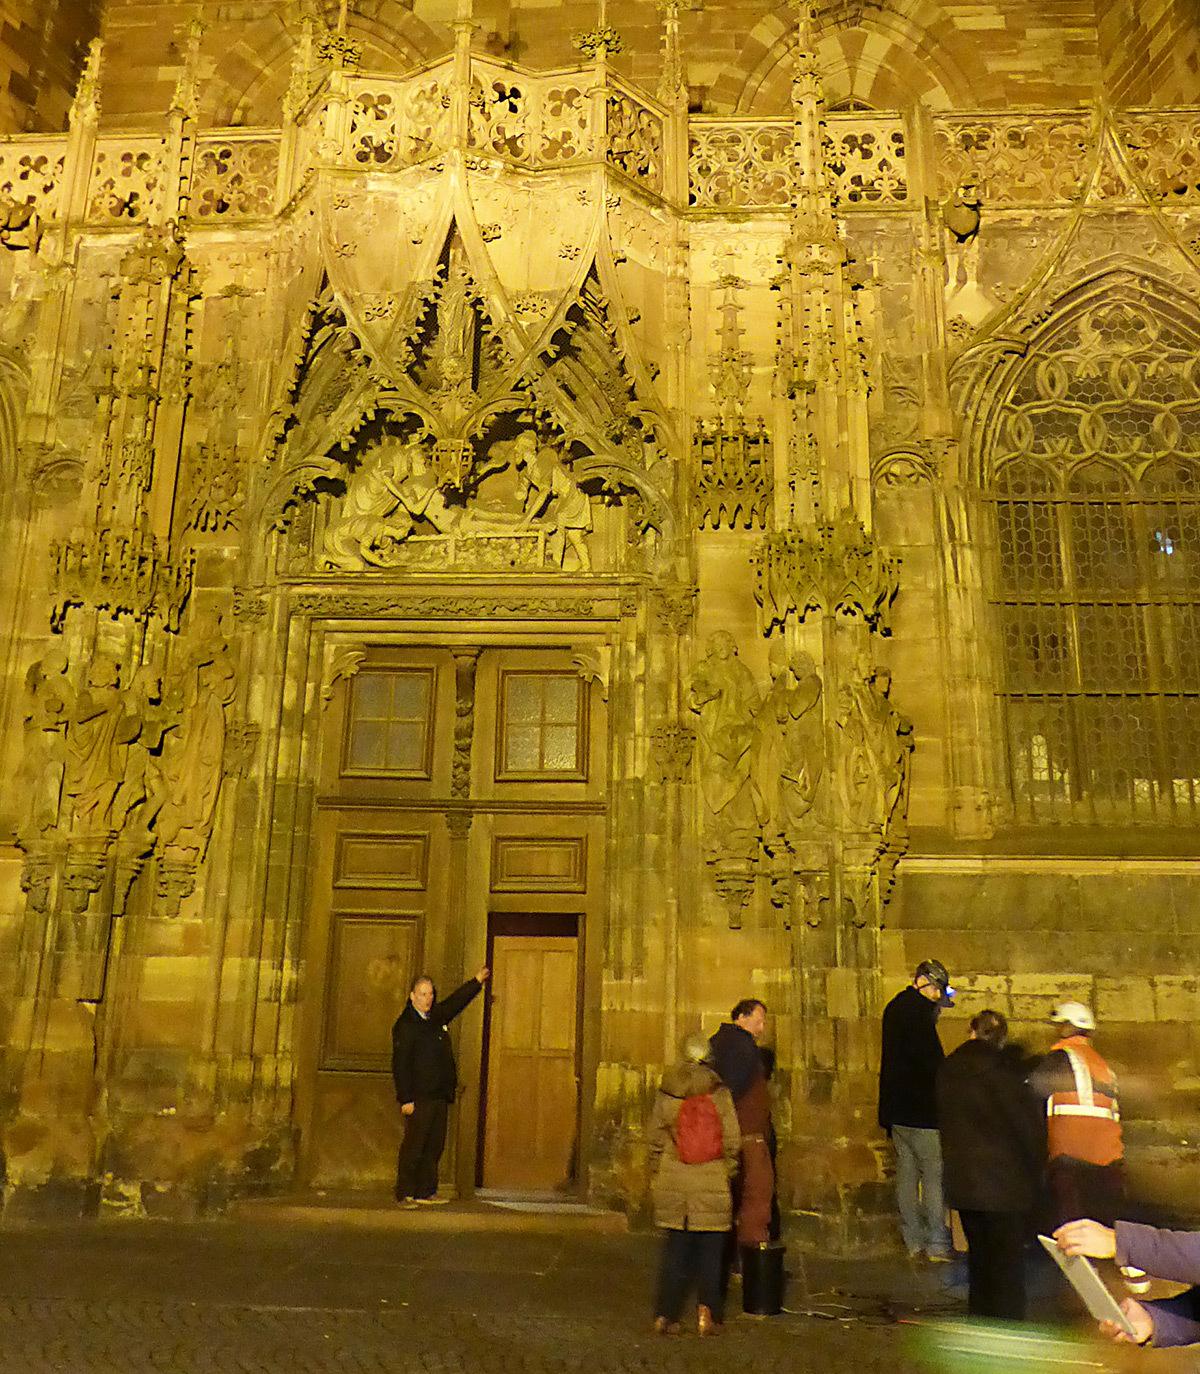 Portail Saint-Laurent, Cathédrale de Strasbourg, France - 10 février 2016 - Photo : Vincent Laganier